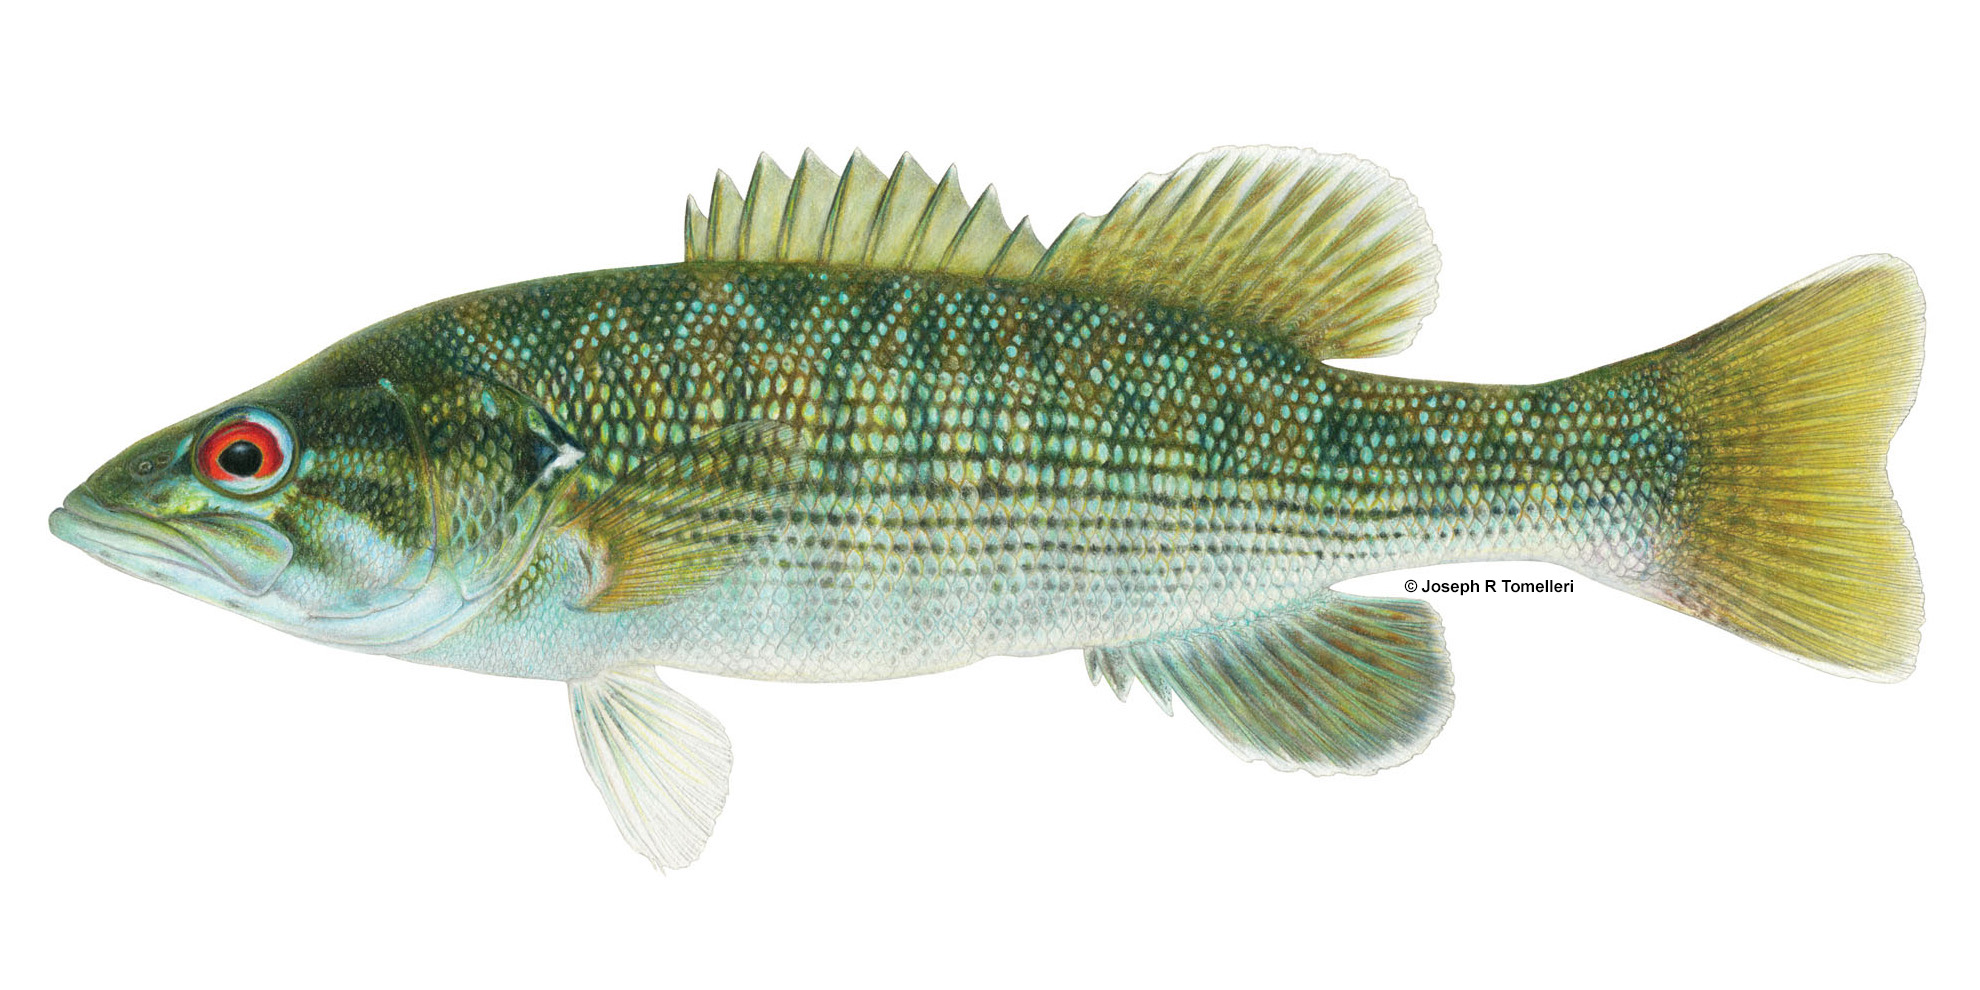 Micropterus_tallapoosae_Tallapoosa_Bass